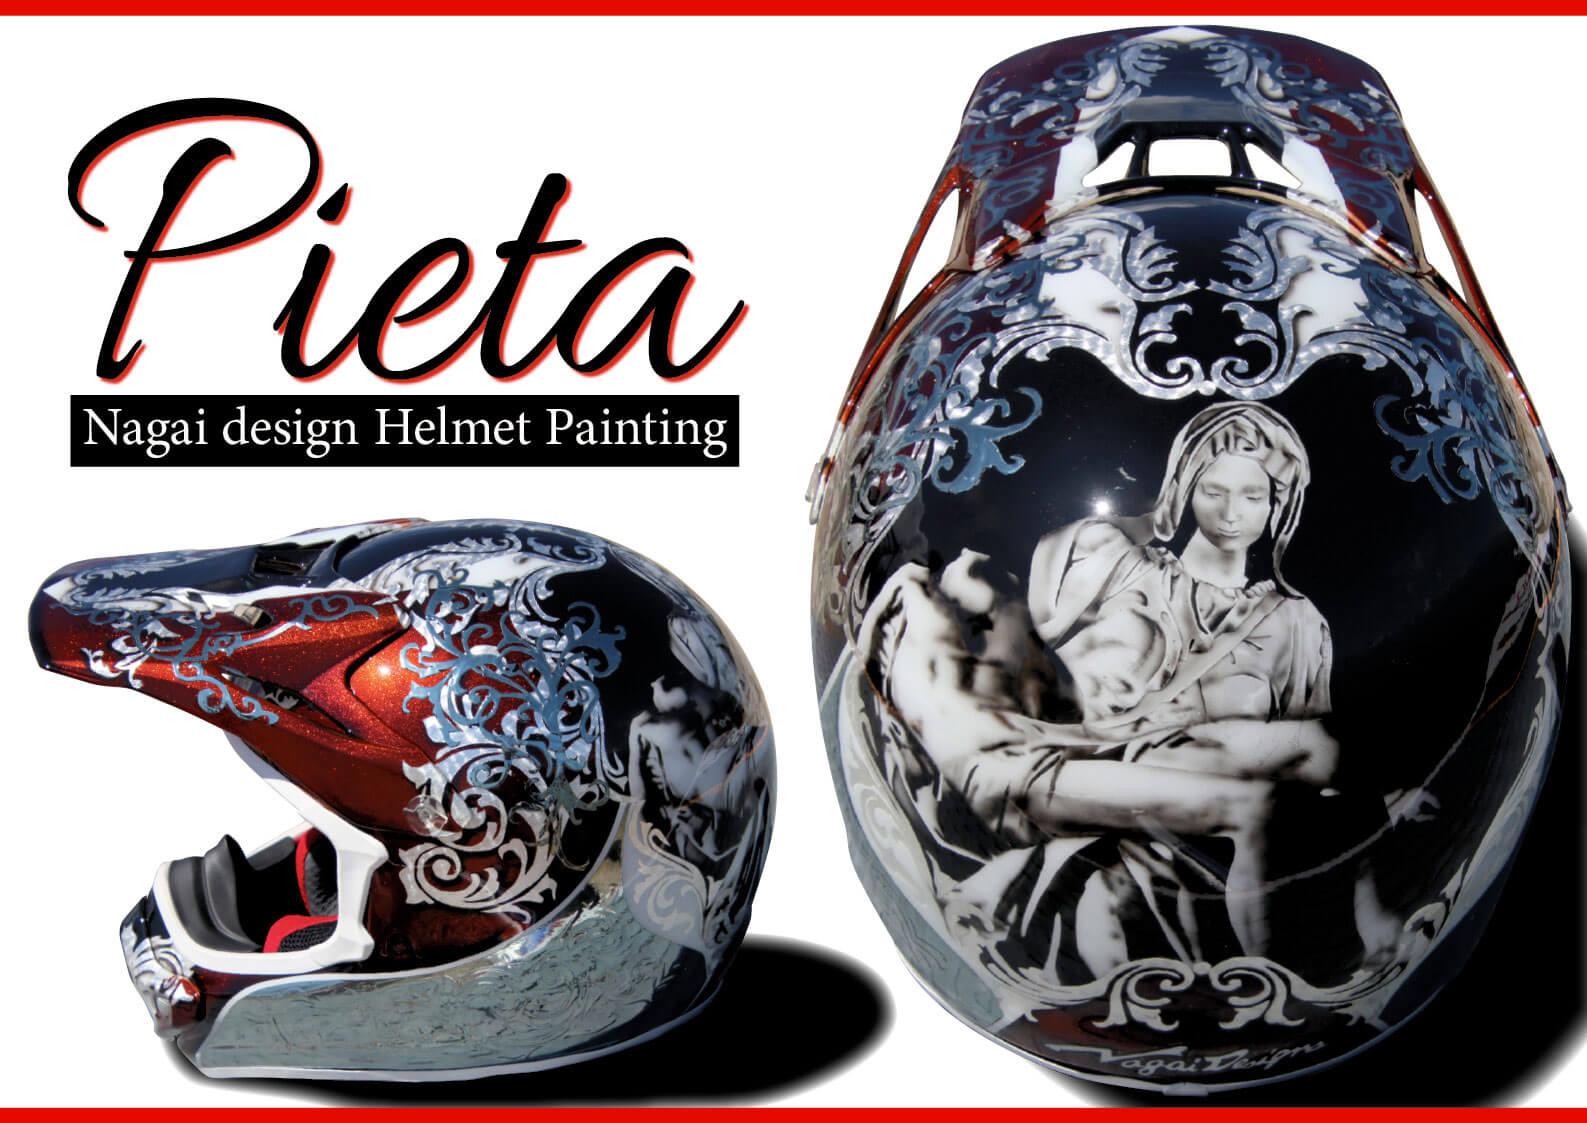 国内ヘルメットペイントの第一人者・ナガイデザイン代表 長井 崇氏の新作「ピエタ(Pieta)」について聞く  ジェットスキー(水上バイク)